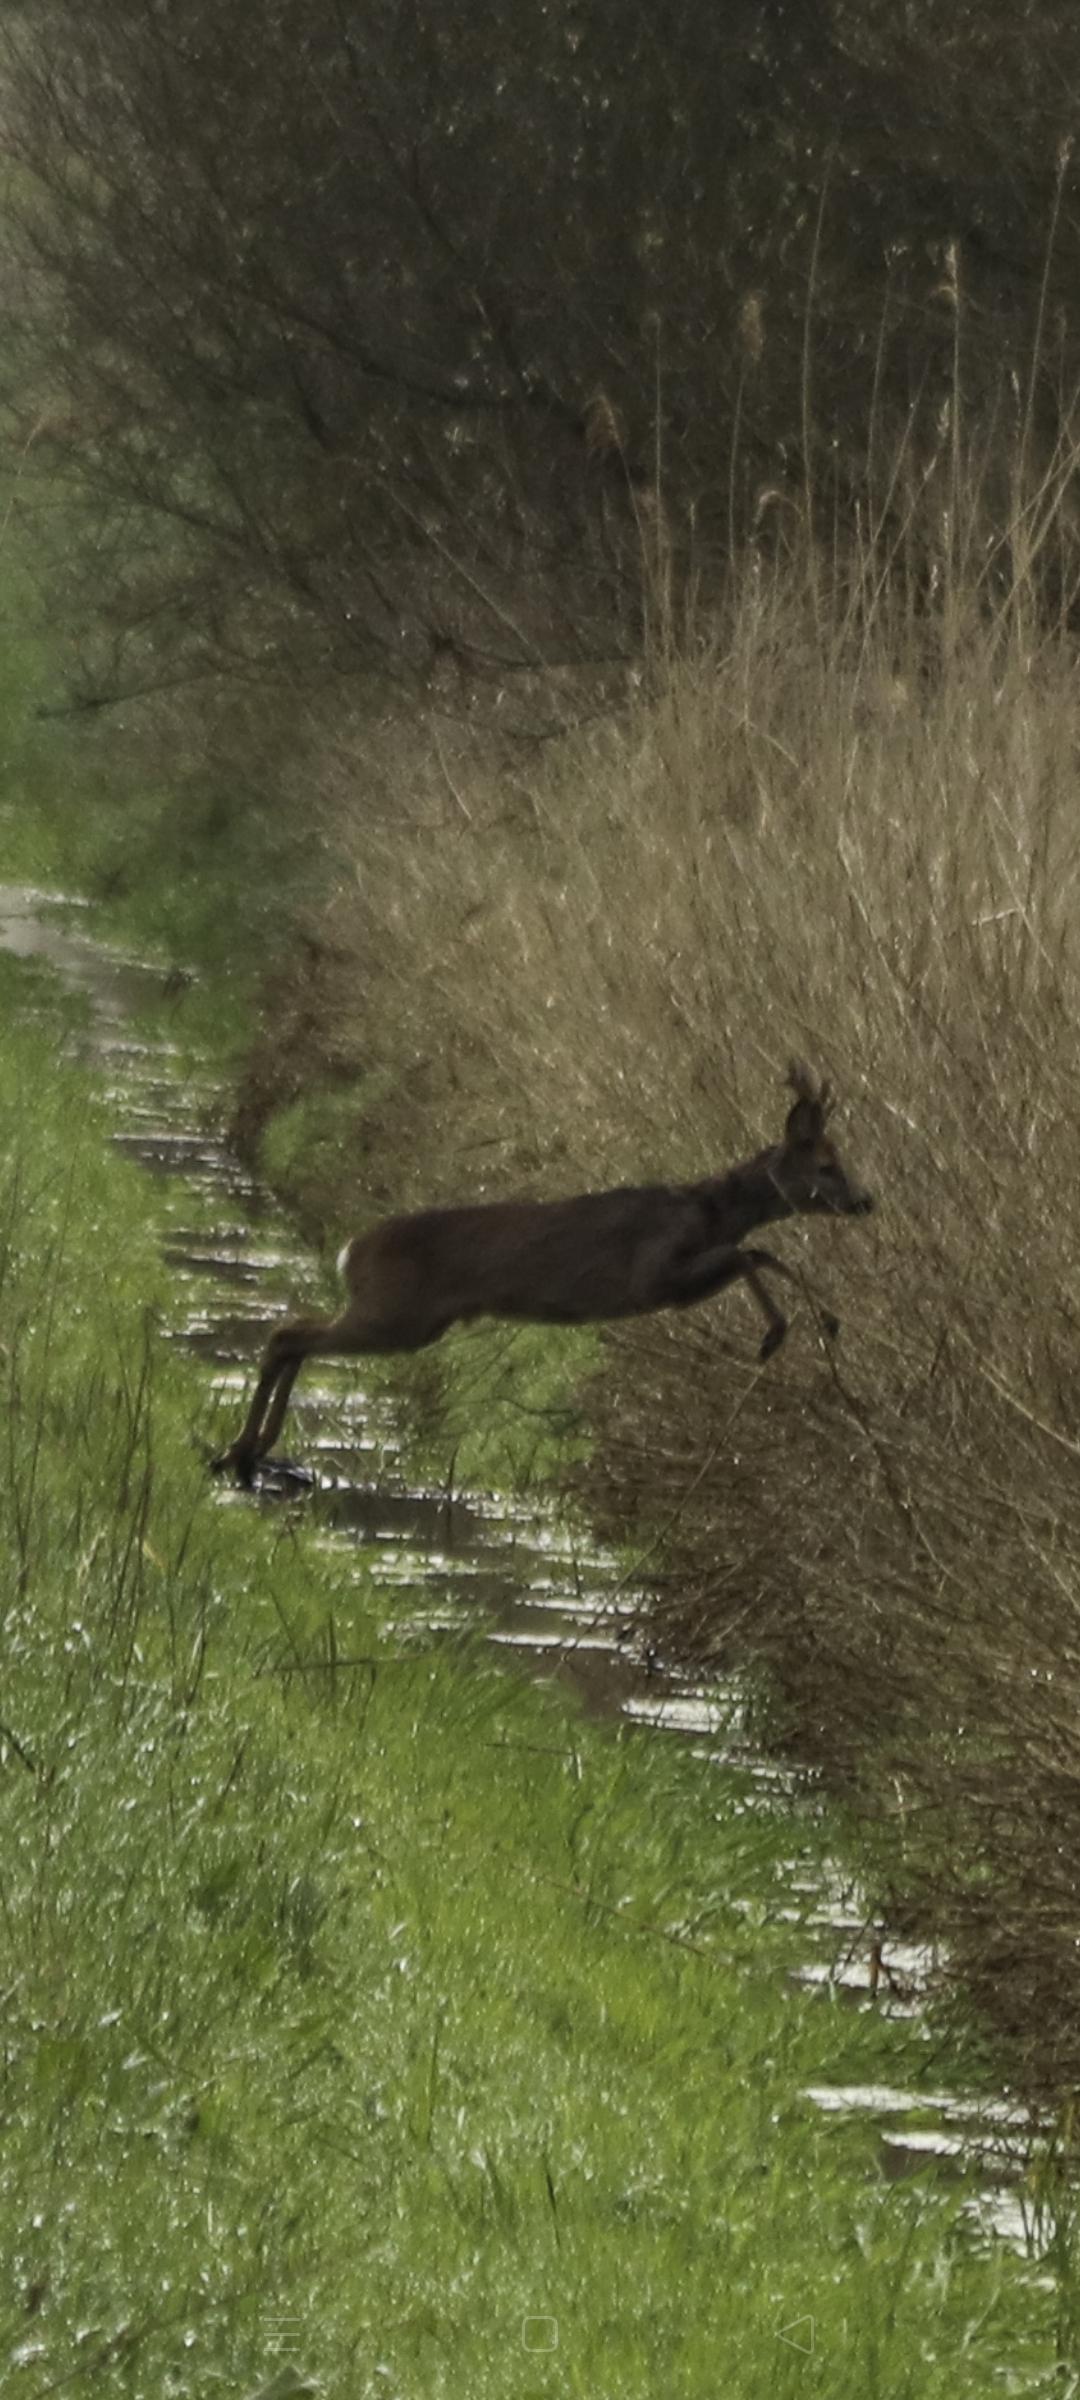 Slootje spring - Dichtbij het centrum. - foto door Erikvdzwan op 11-04-2021 - locatie: 8181 Heerde, Nederland - deze foto bevat: fabriek, natuurlijk landschap, carnivoor, hout, fawn, gras, terrestrische dieren, grasland, staart, boom